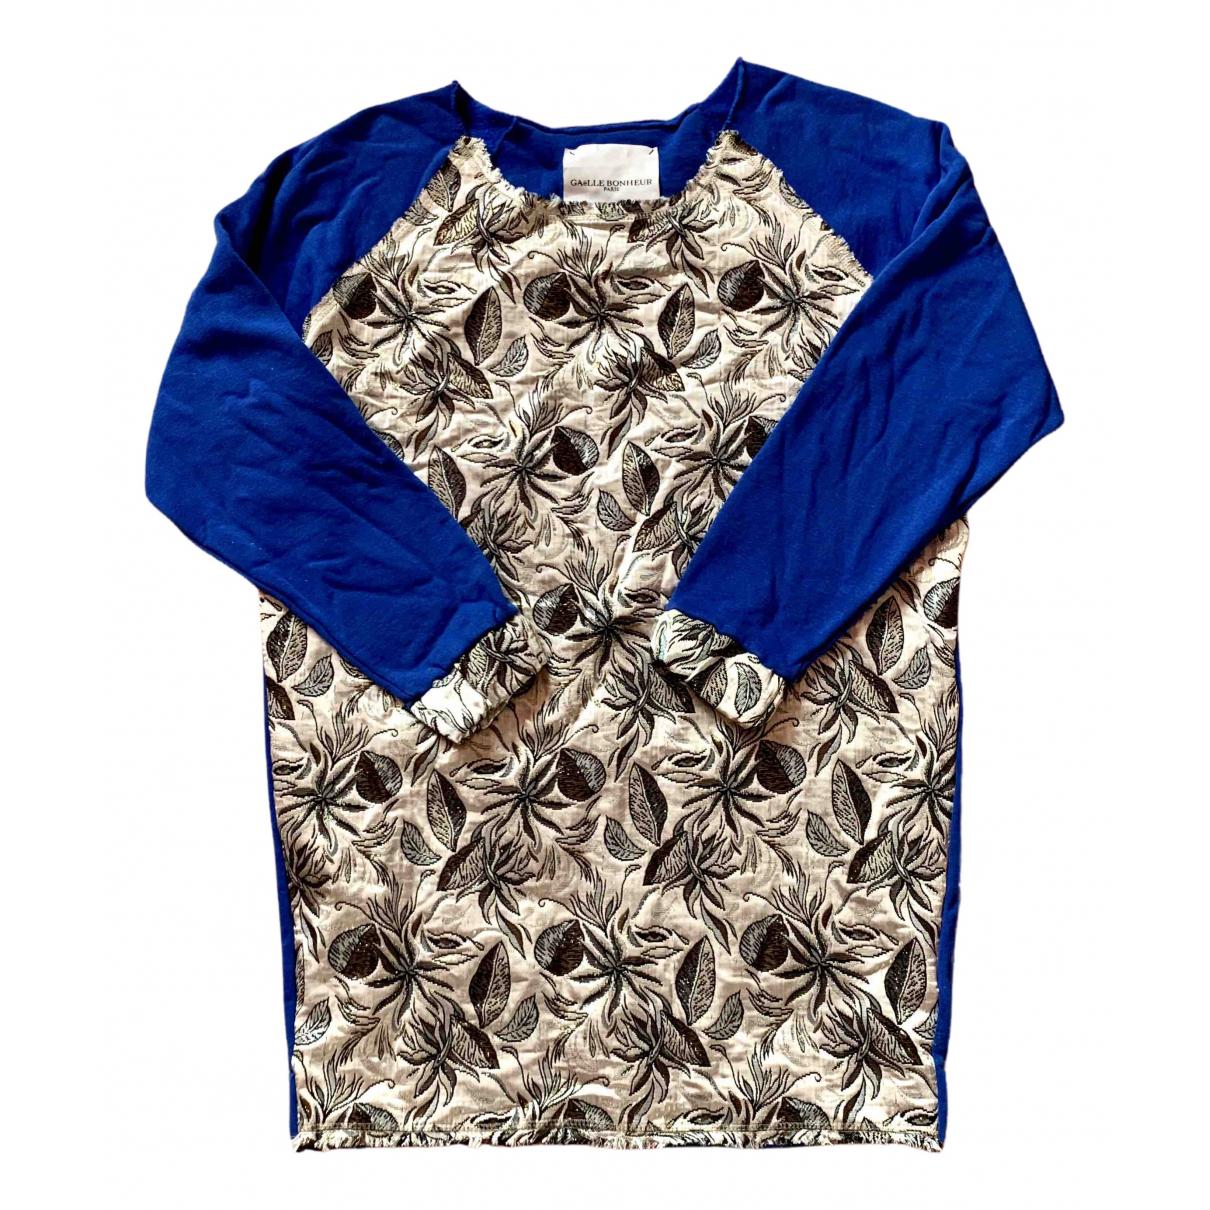 Gaelle Bonheur - Pull   pour femme en coton - bleu